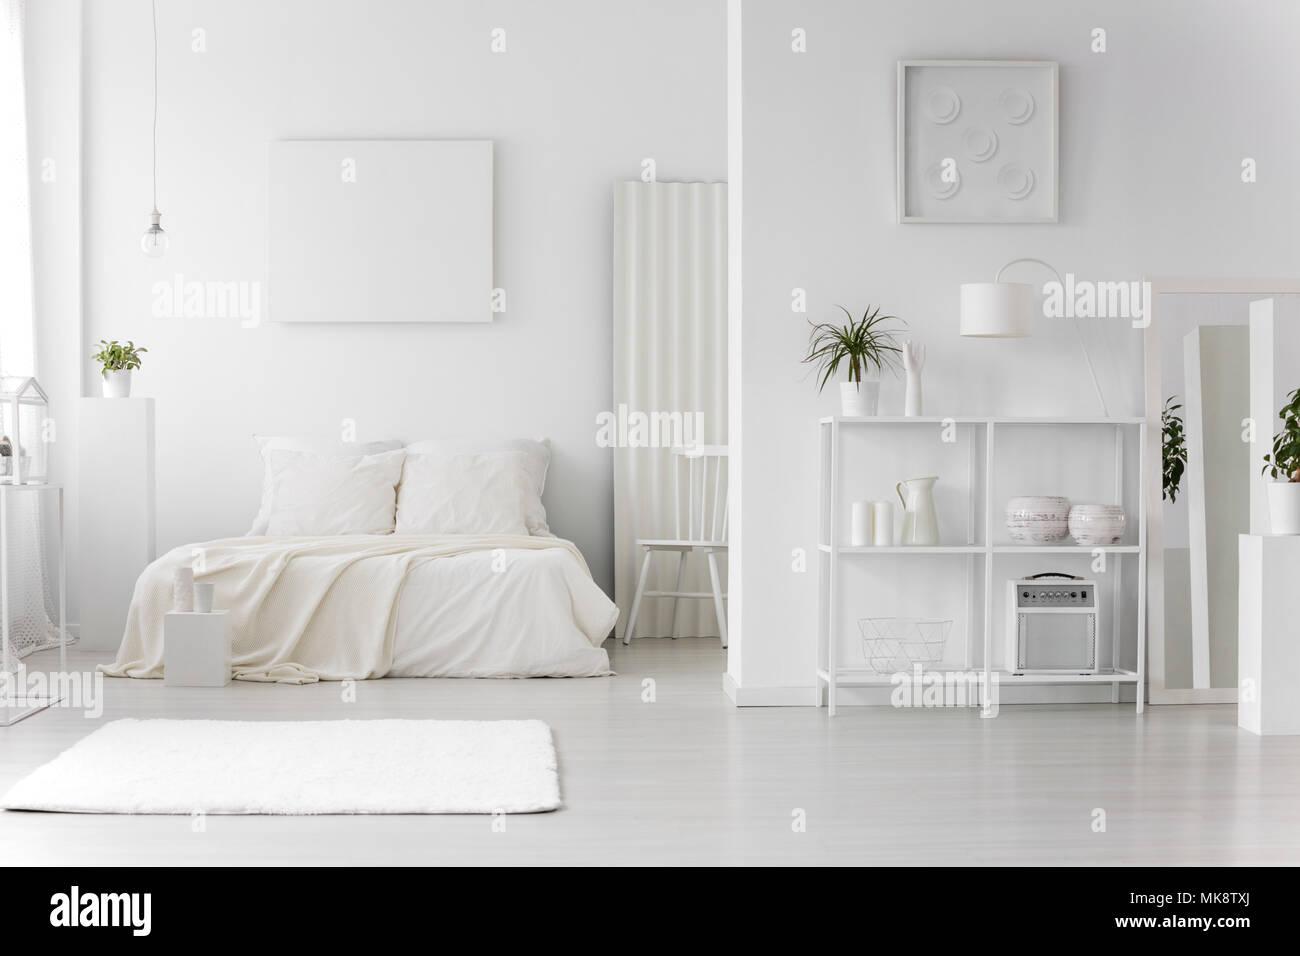 Wolldecke In Minimalen Weissen Schlafzimmer Innenraum Mit Leeren